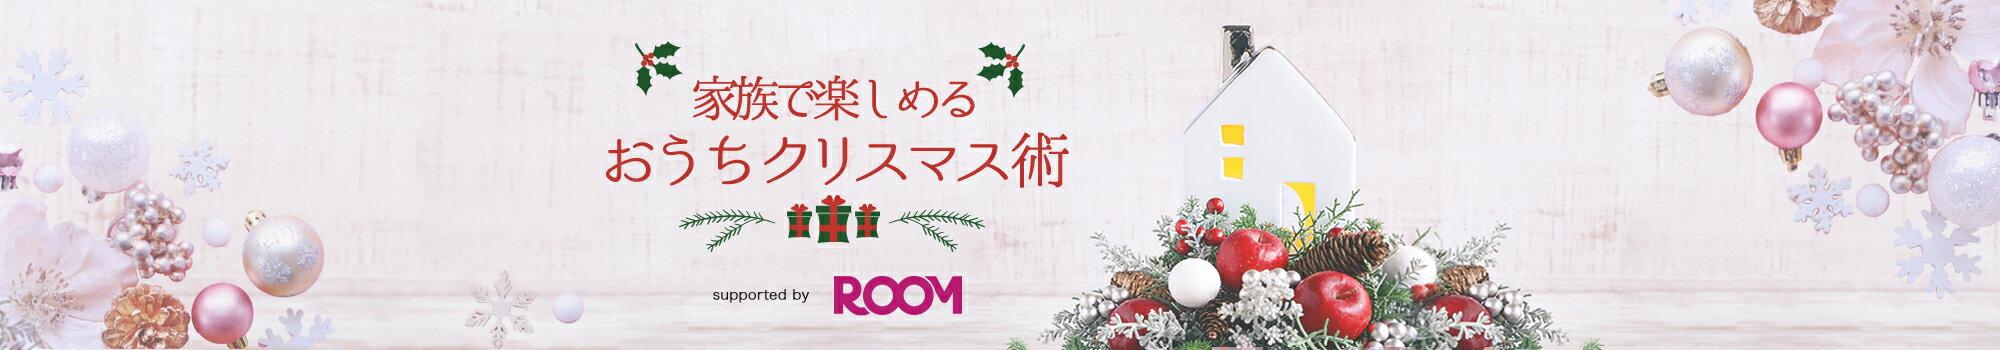 家族で楽しめるおうちクリスマス術